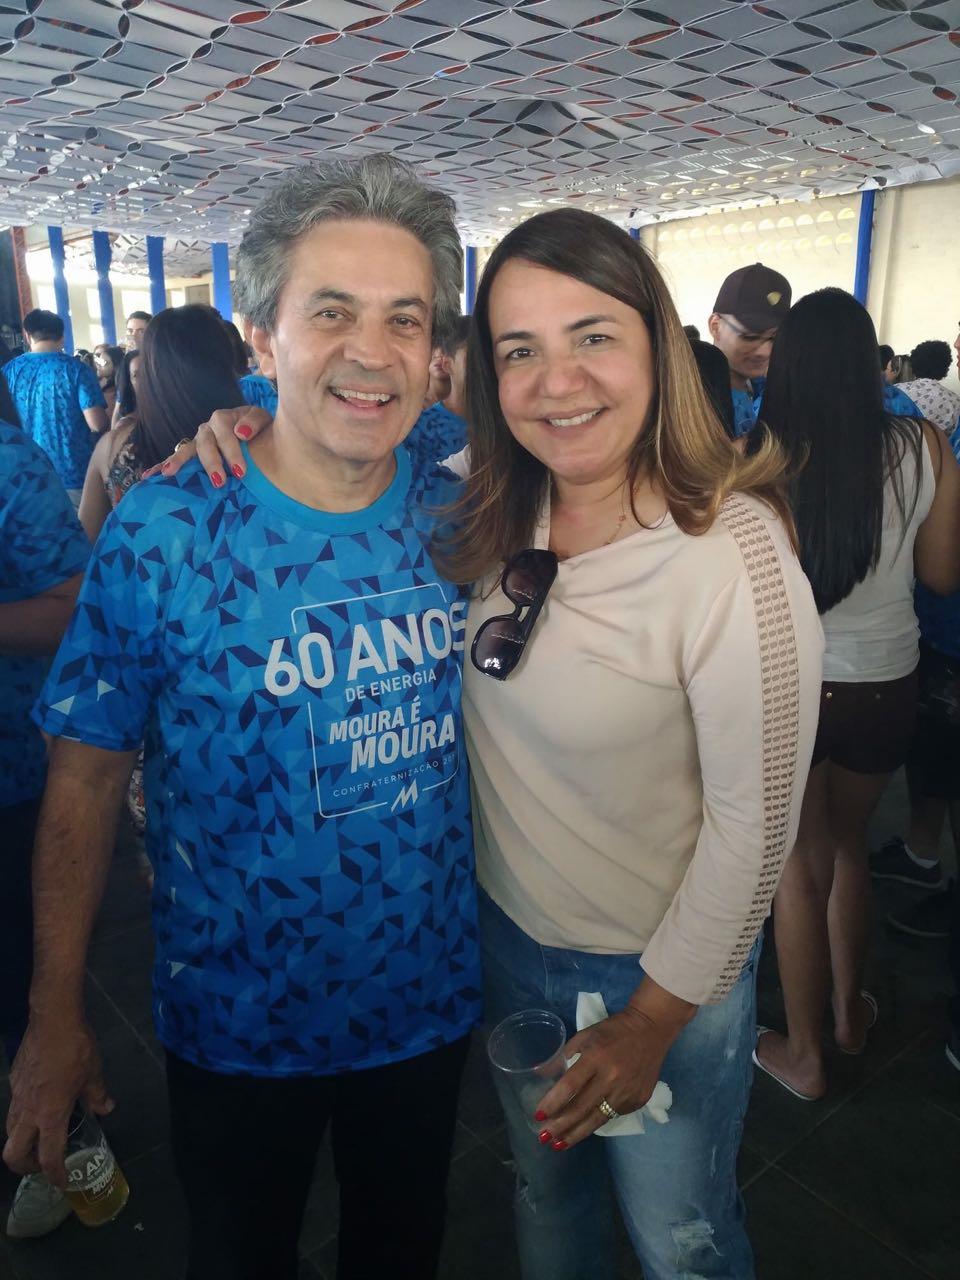 Diretores do Grupo Moura, Andréa Mendonça e outros convidados na Confra dos 60 anos da Moura